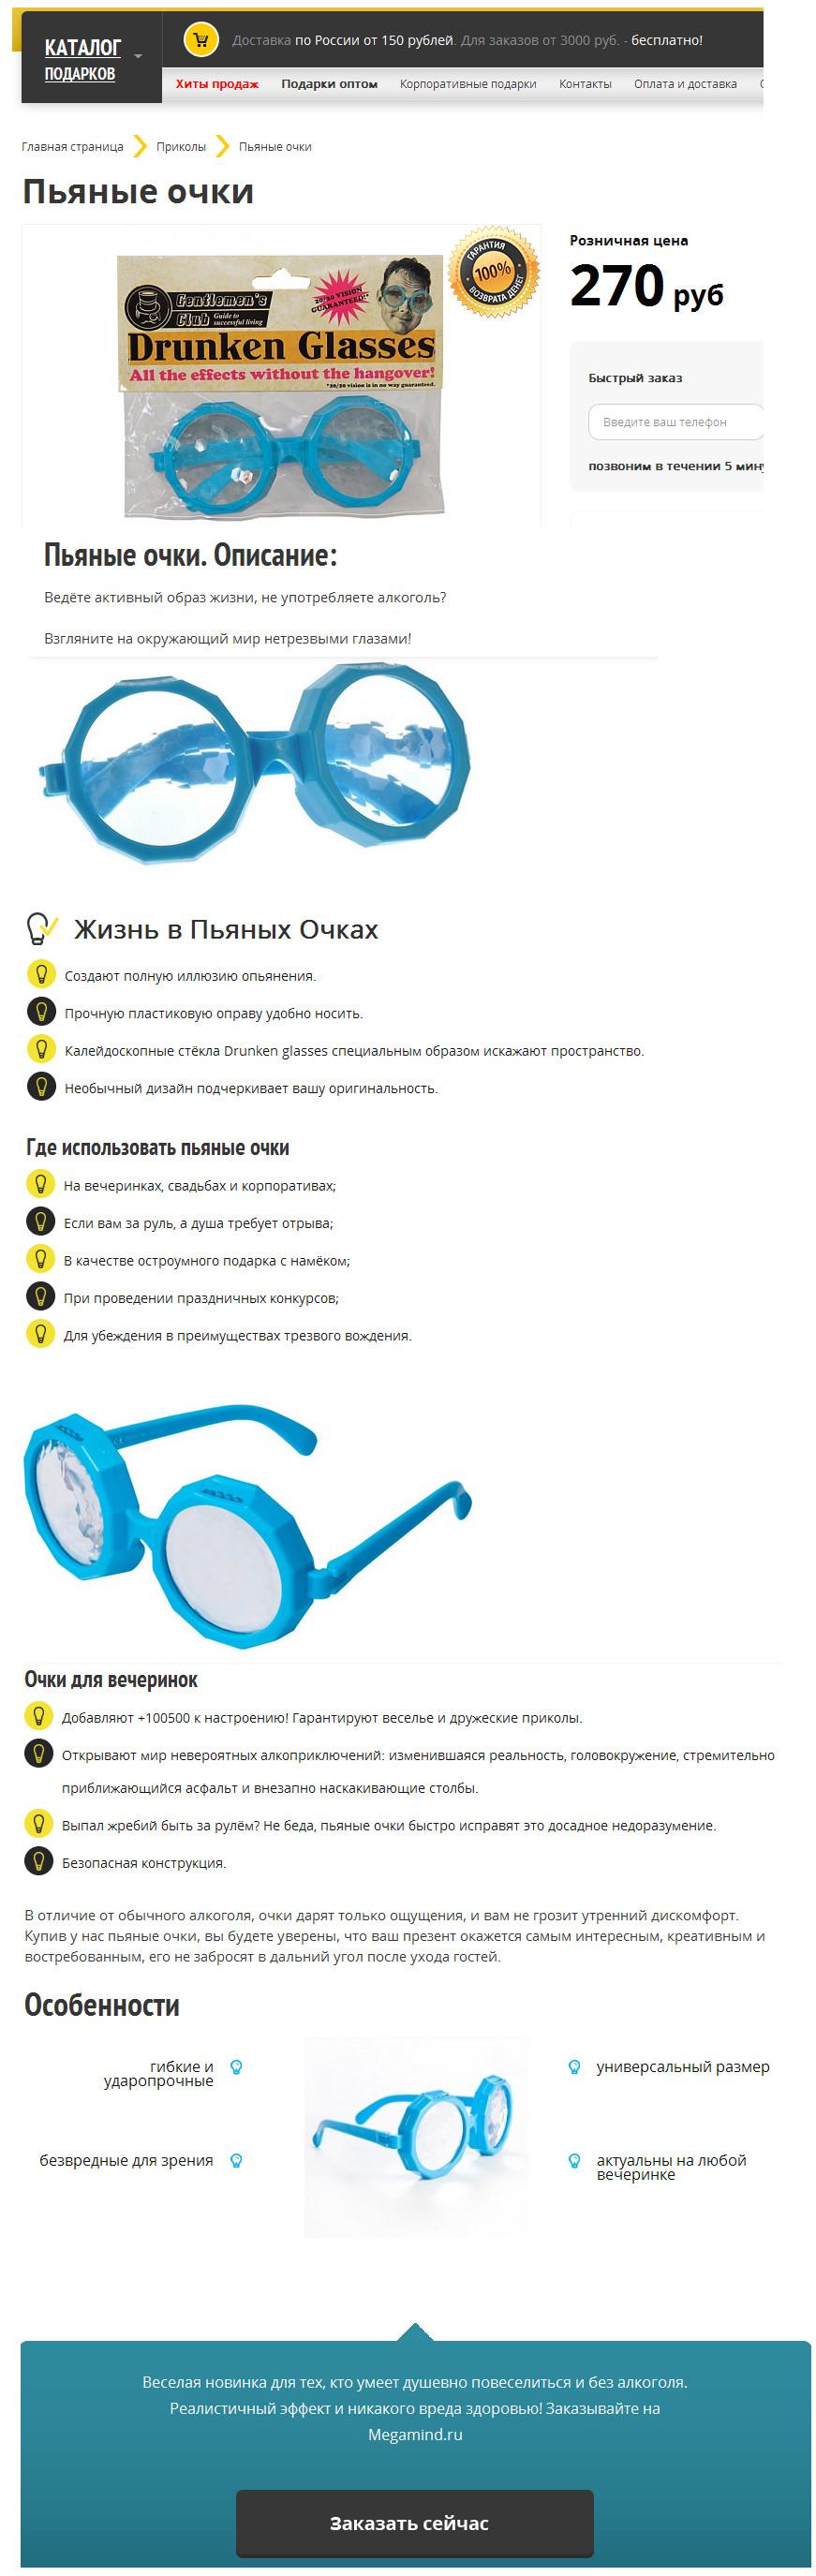 Текст - пьяные очки